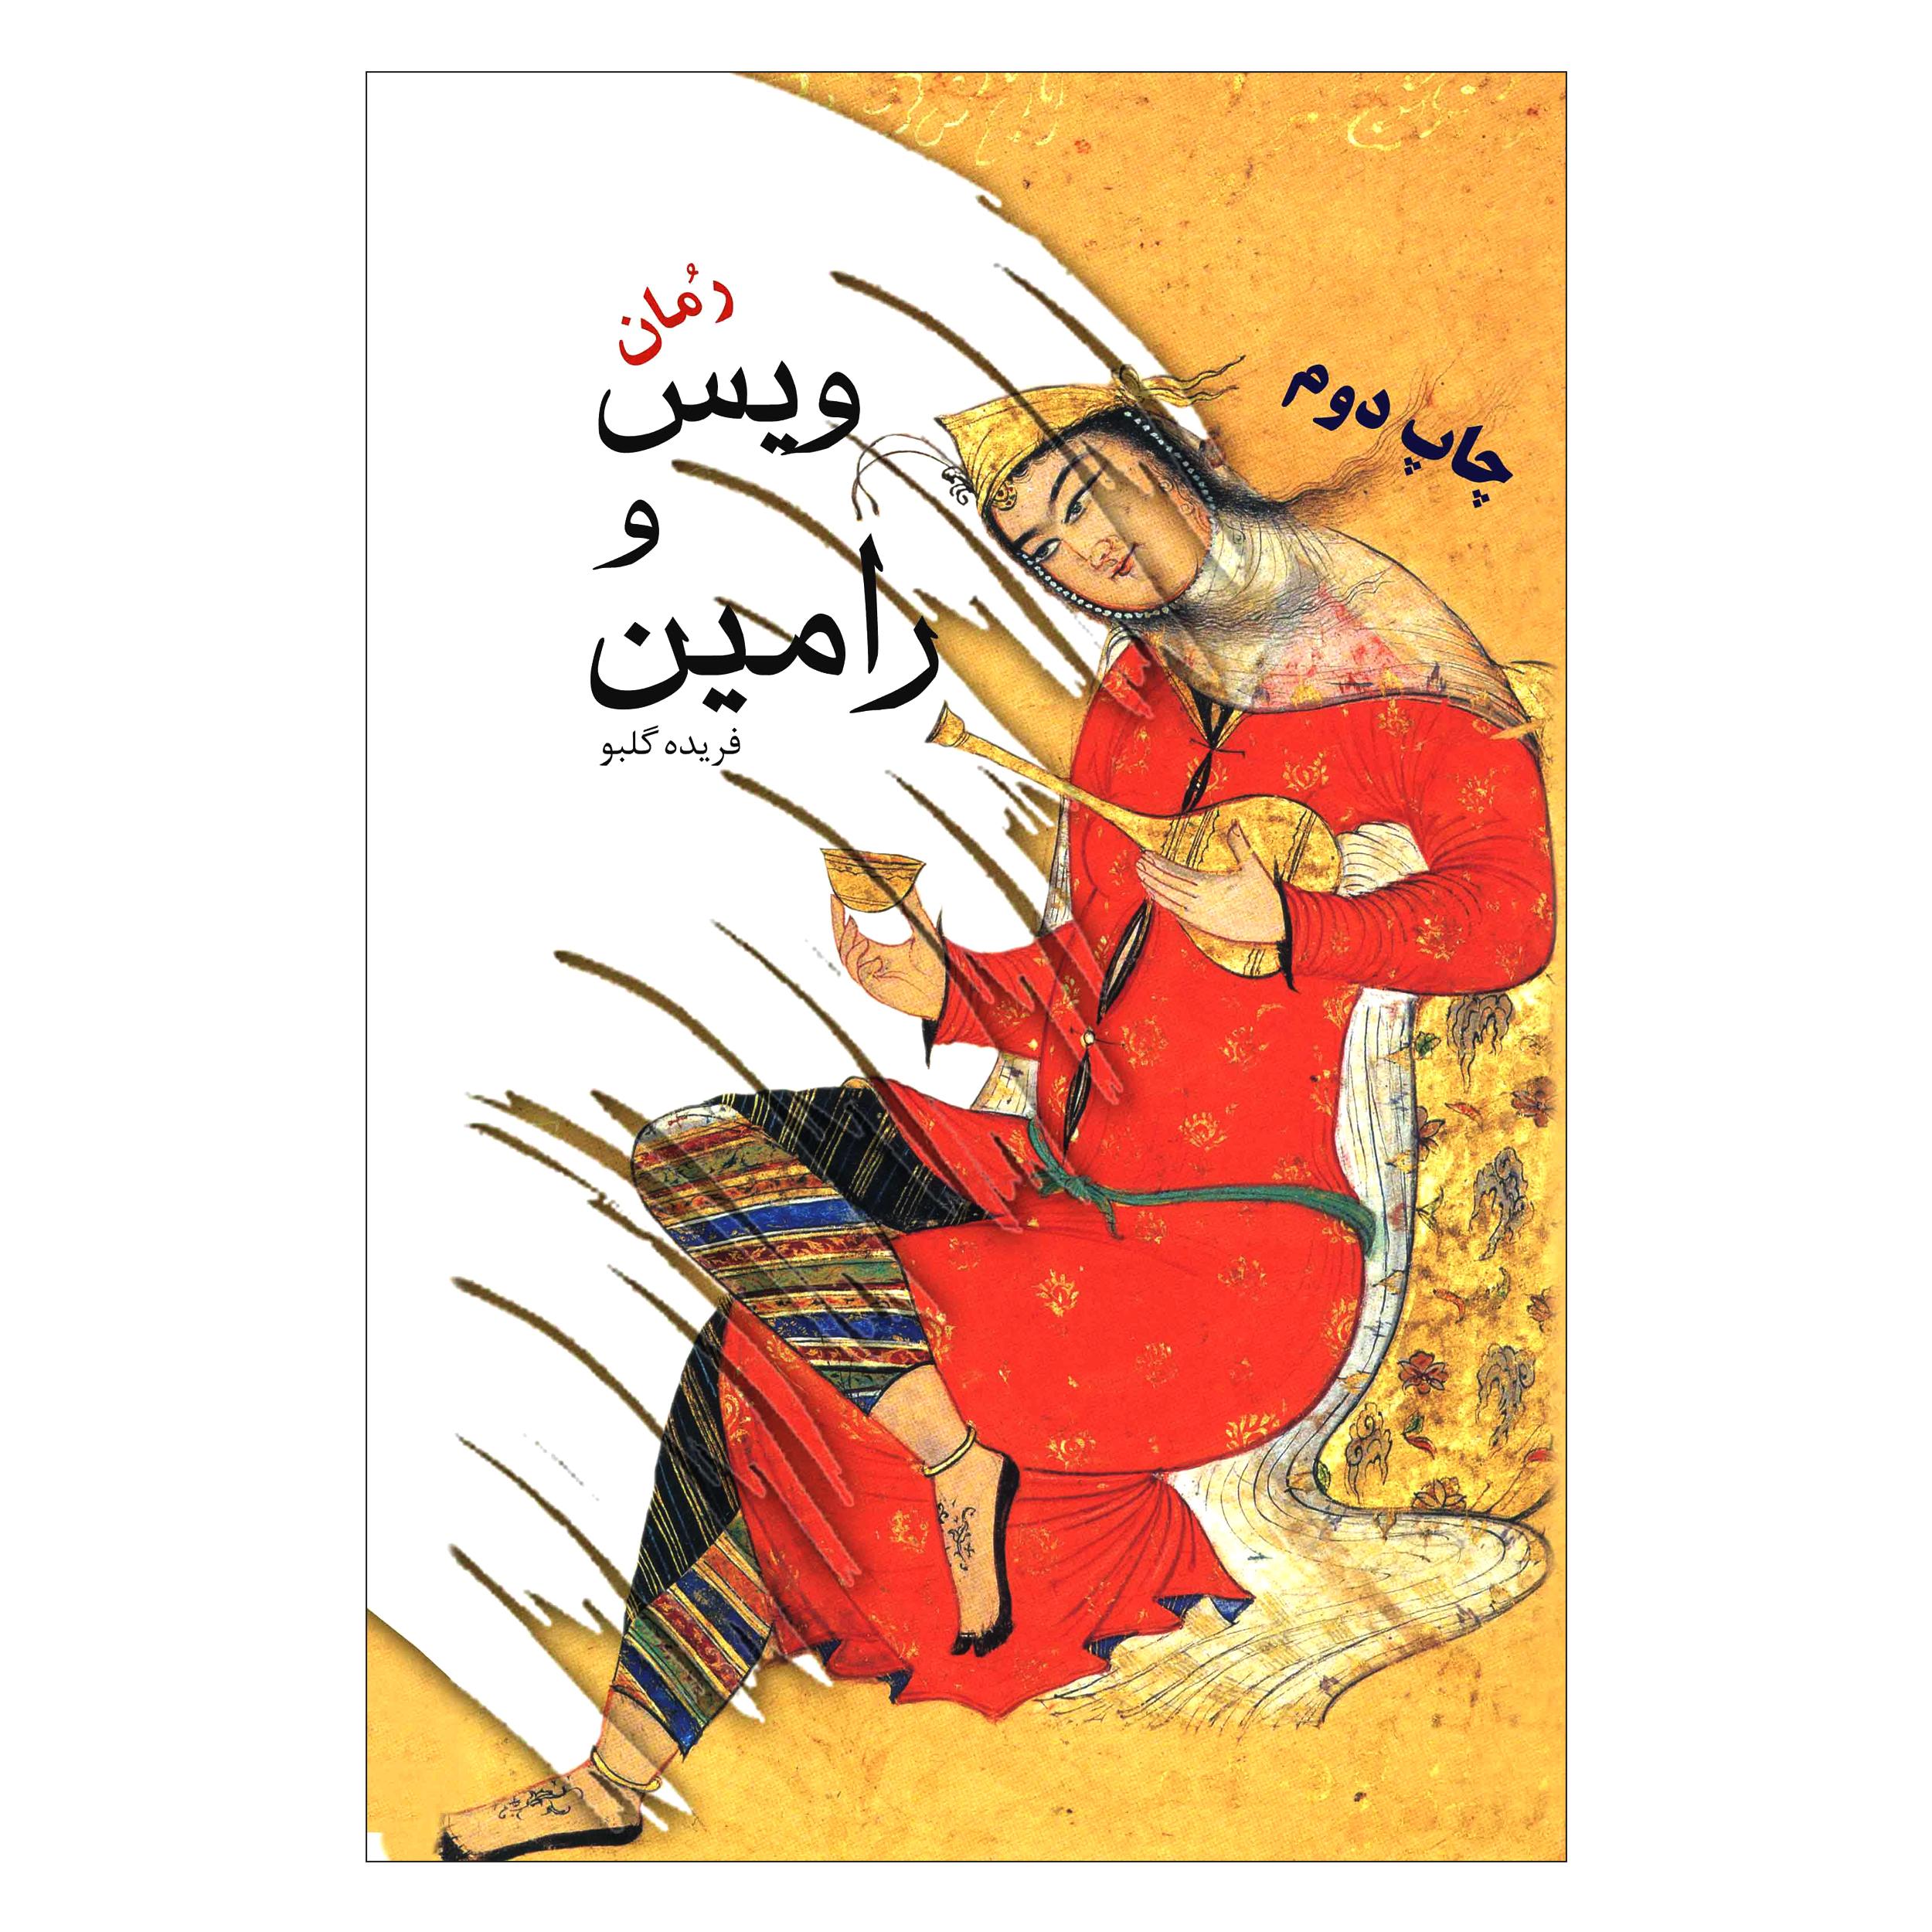 کتاب ویس و رامین اثر فریده گلبو انتشارات ایرانشناسی